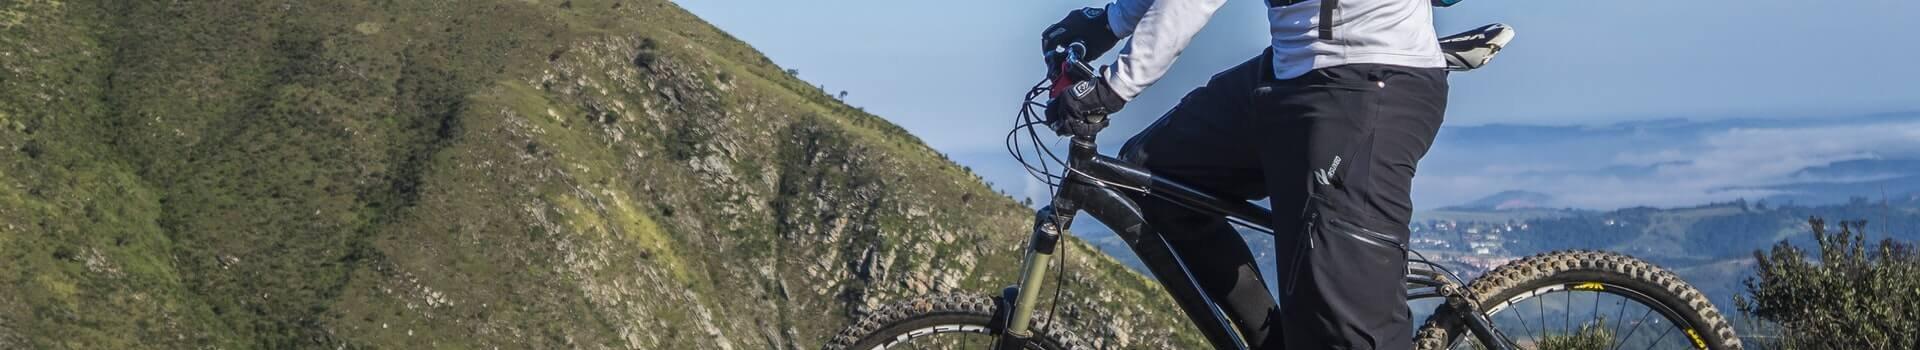 Kaski rowerowe, czyli bezpieczeństwo przede wszystkim